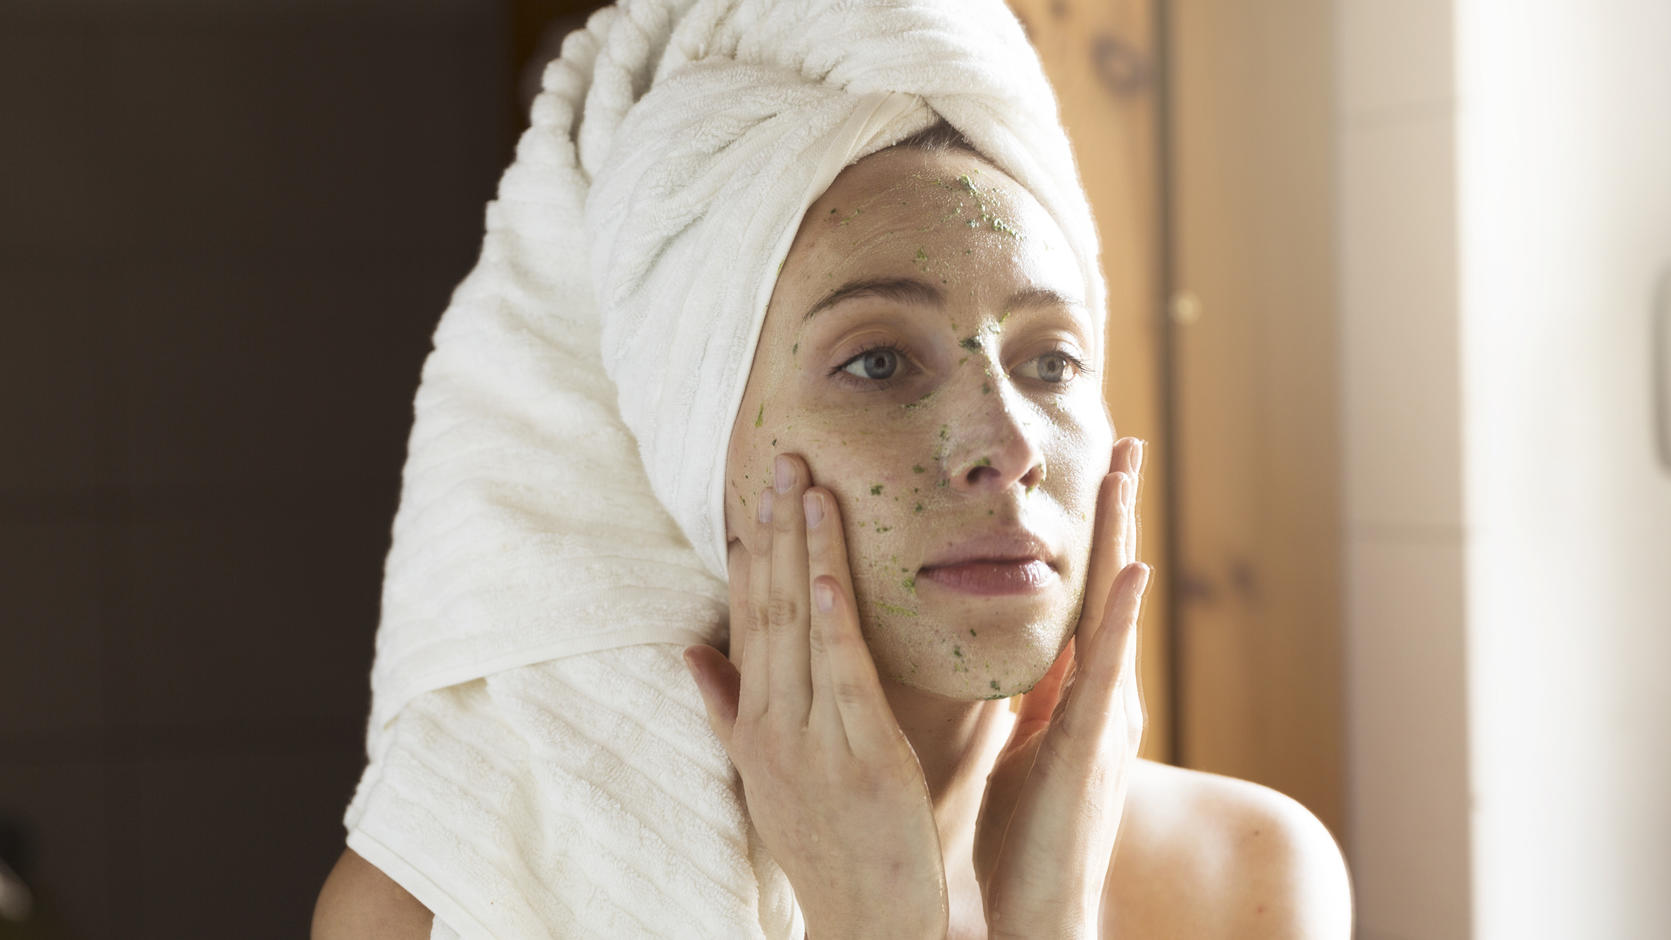 Nur weil etwas aus der Natur kommt, muss es nicht auch für die Hautpflege geeignet sein.